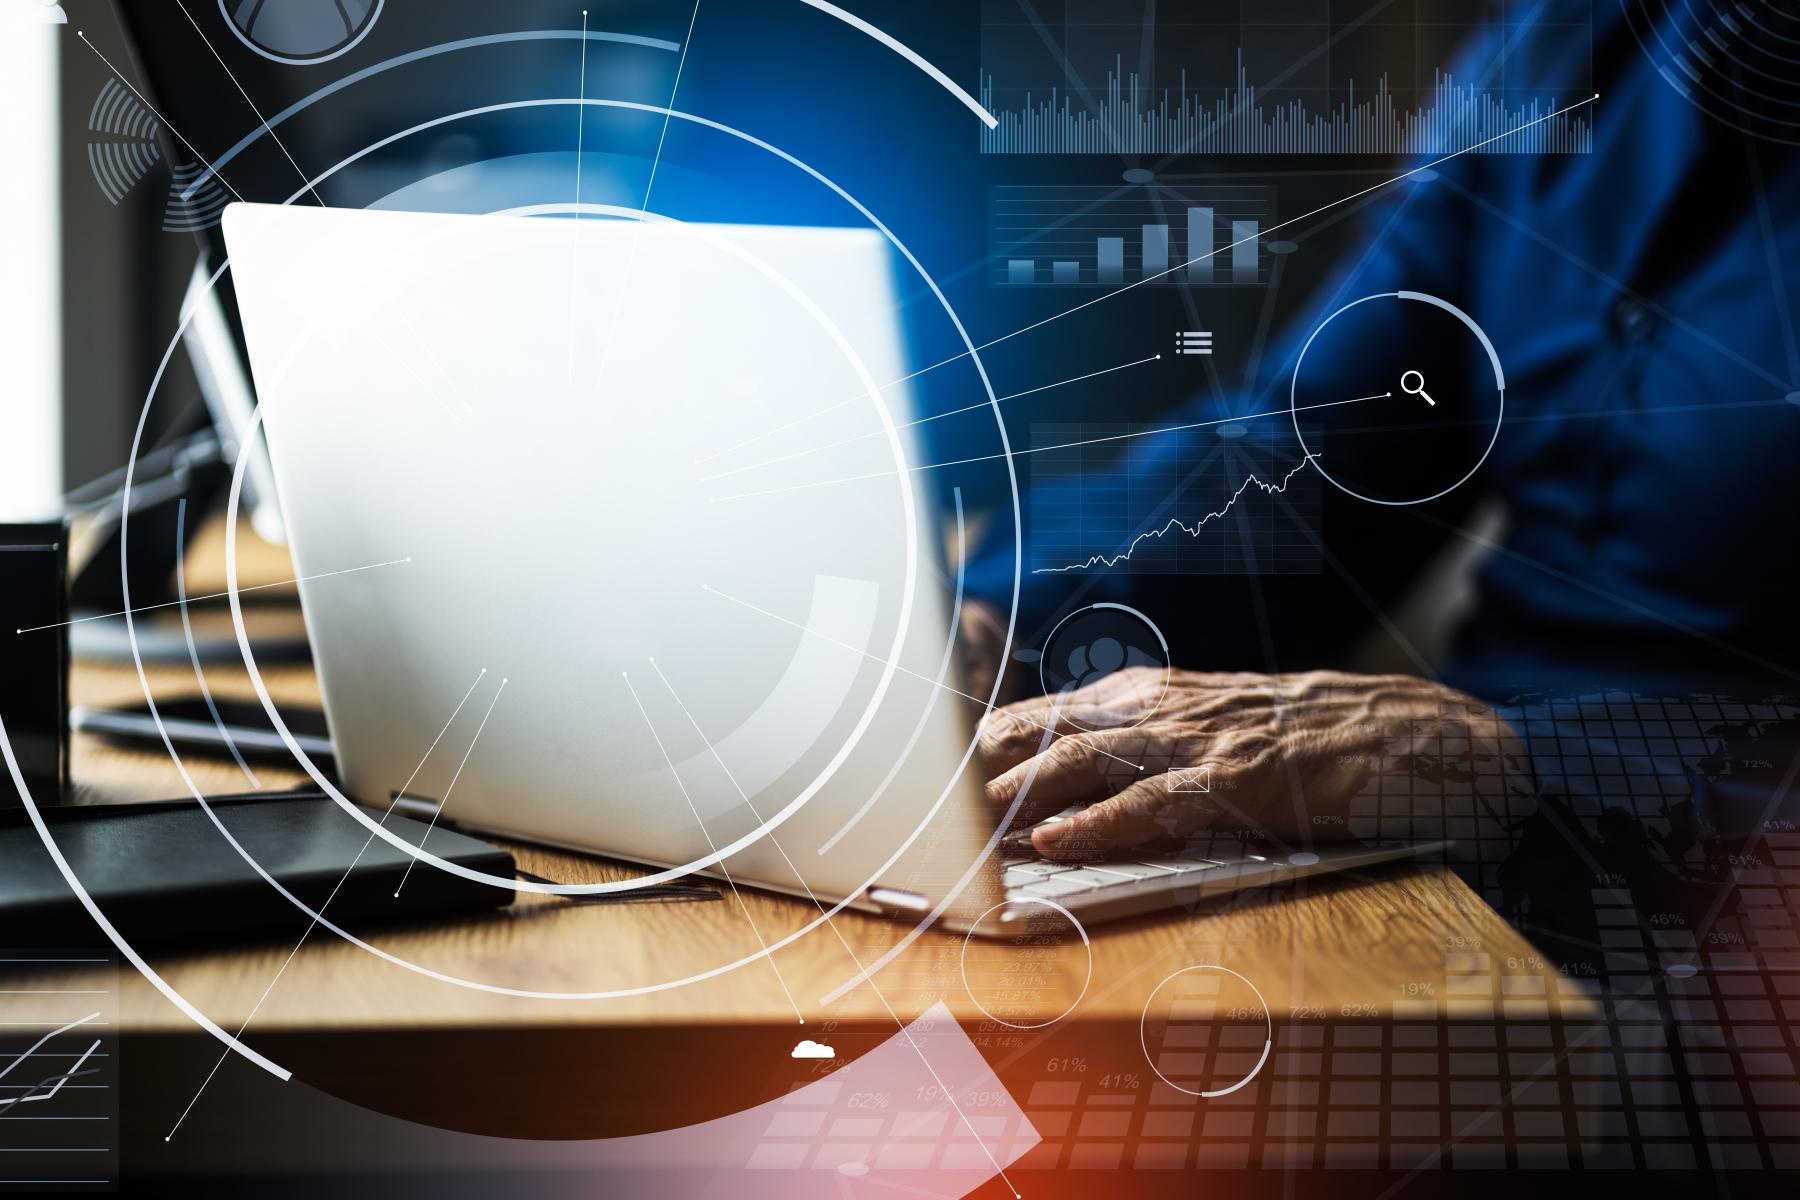 Kernpunkte im Online-Marketing